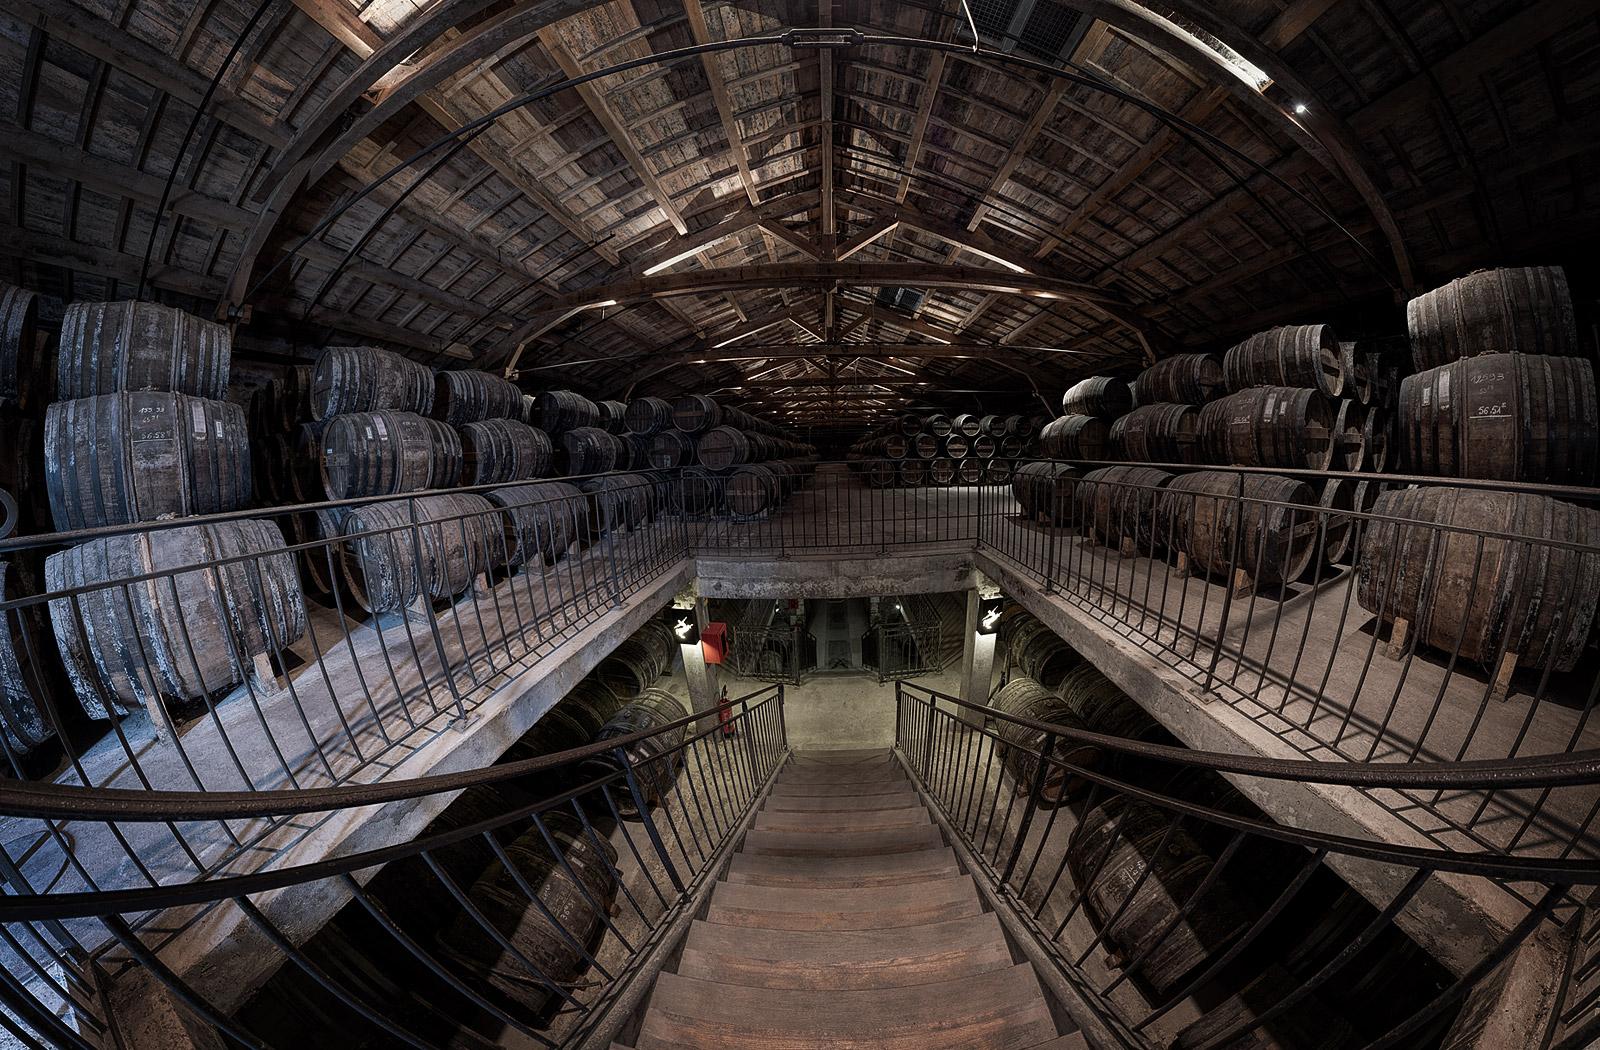 Rémy Martin Harvest: Cognac 360 Photography